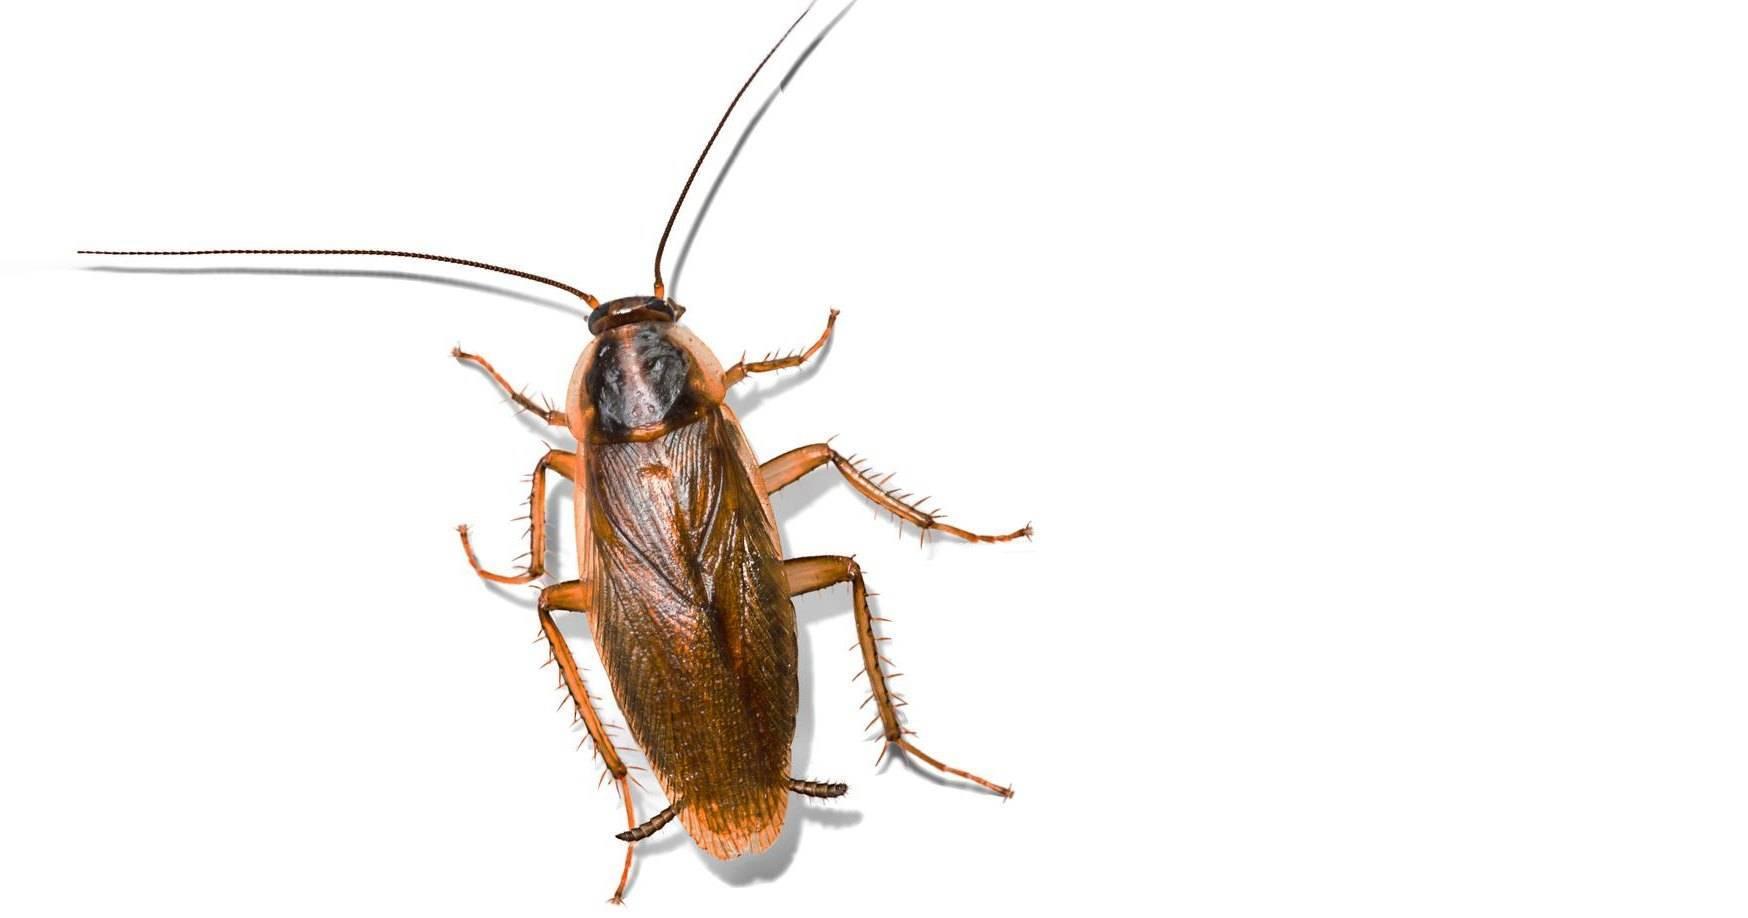 К чему снится тараканы. видеть во сне тараканы - сонник дома солнца